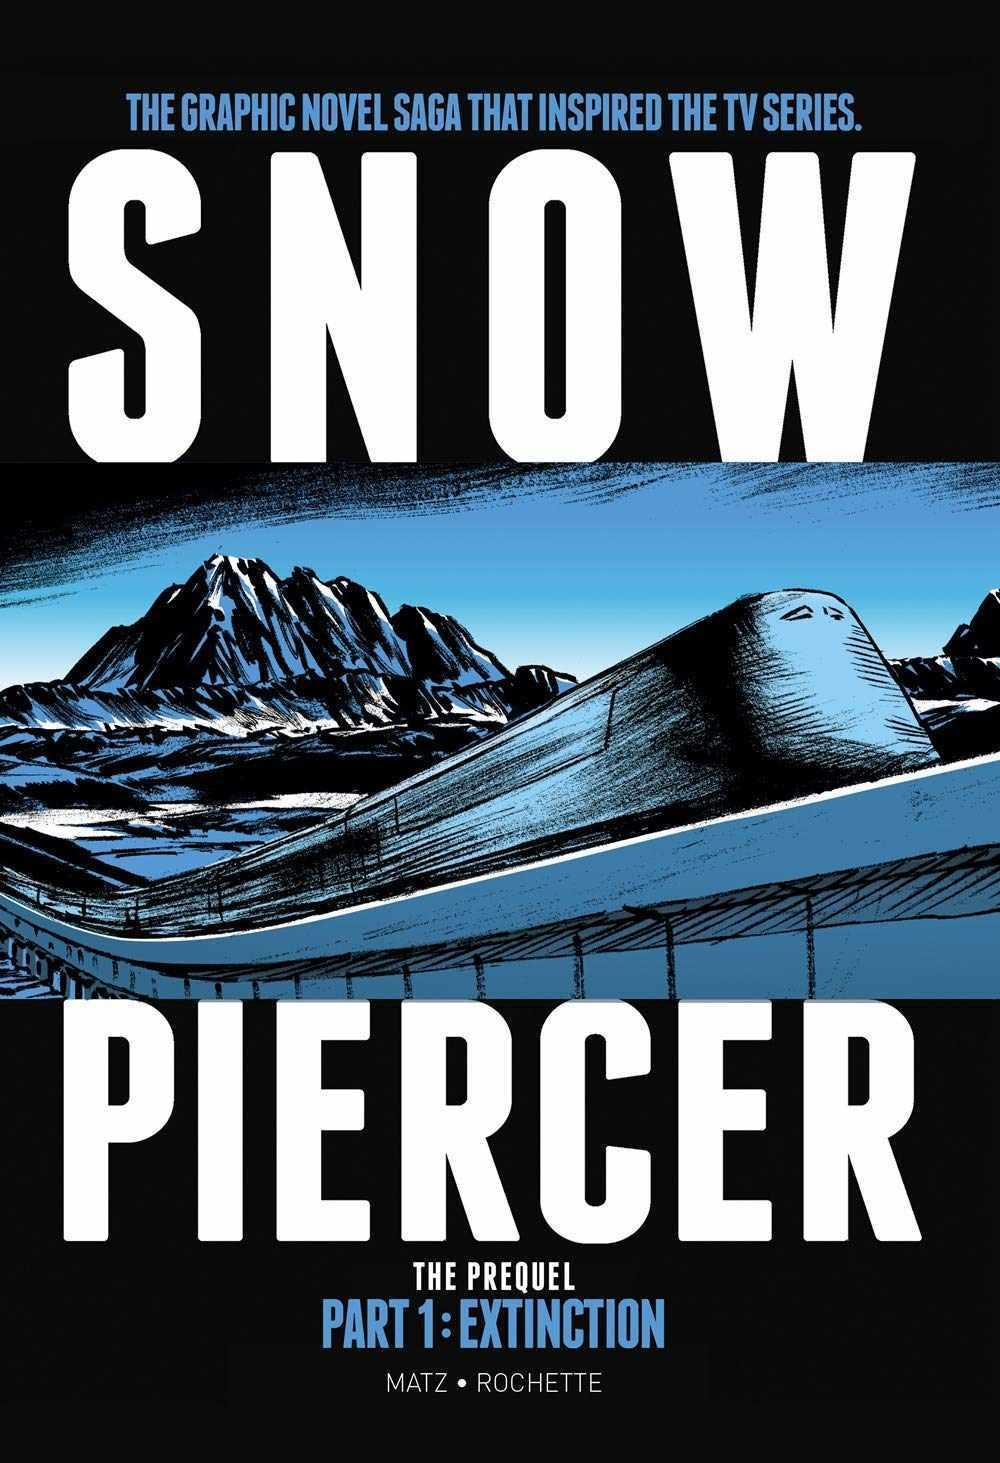 Snowpierecer Prequel 1